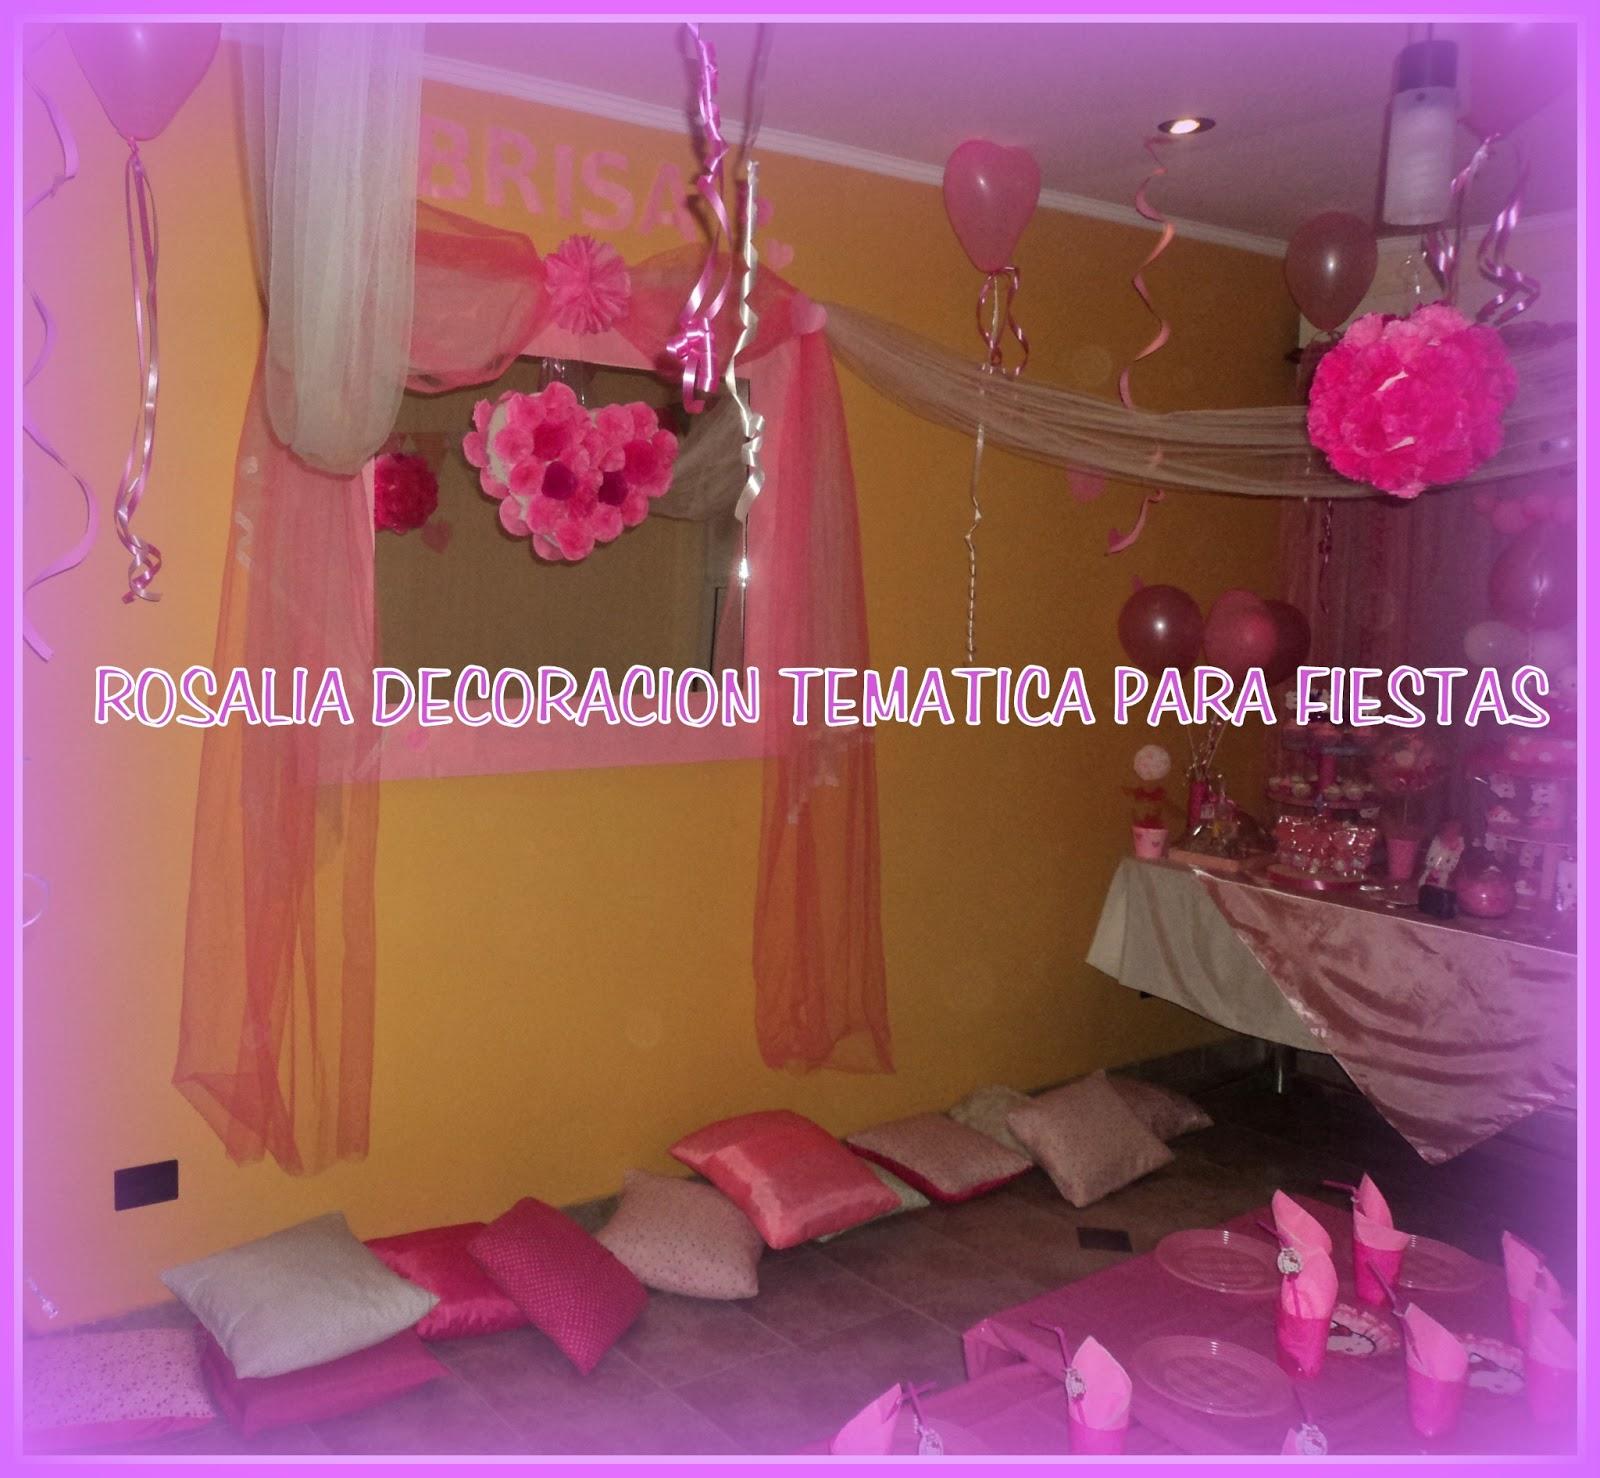 Rosalia decoraci n tem ticas para fiestas pijama party de nena - Juegos para chicas de decoracion ...